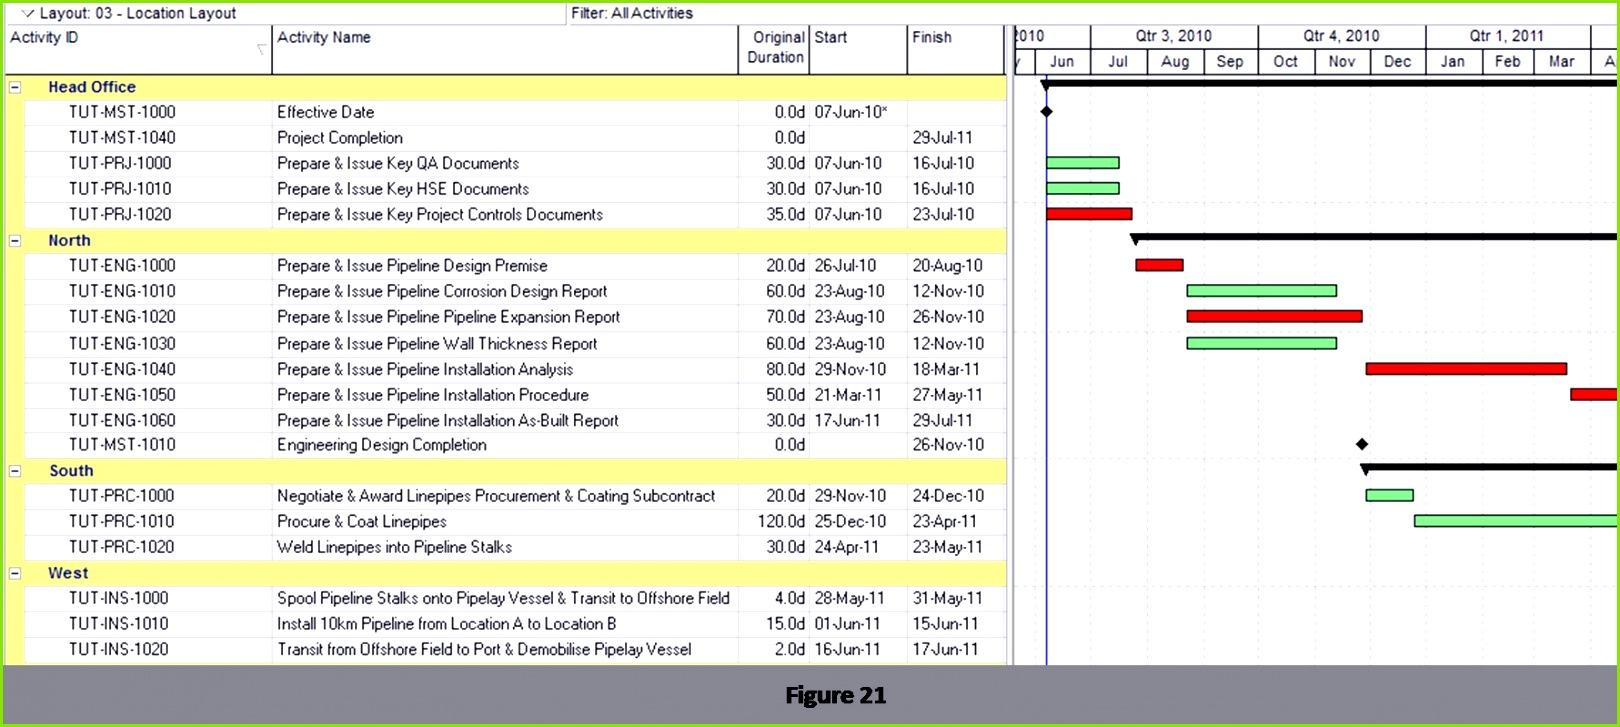 Dienstplan Monat Vorlage Kostenlos Schn Arbeitsplan Excel Vorlage bezüglich Stunning Dienstplan Vorlage Monat